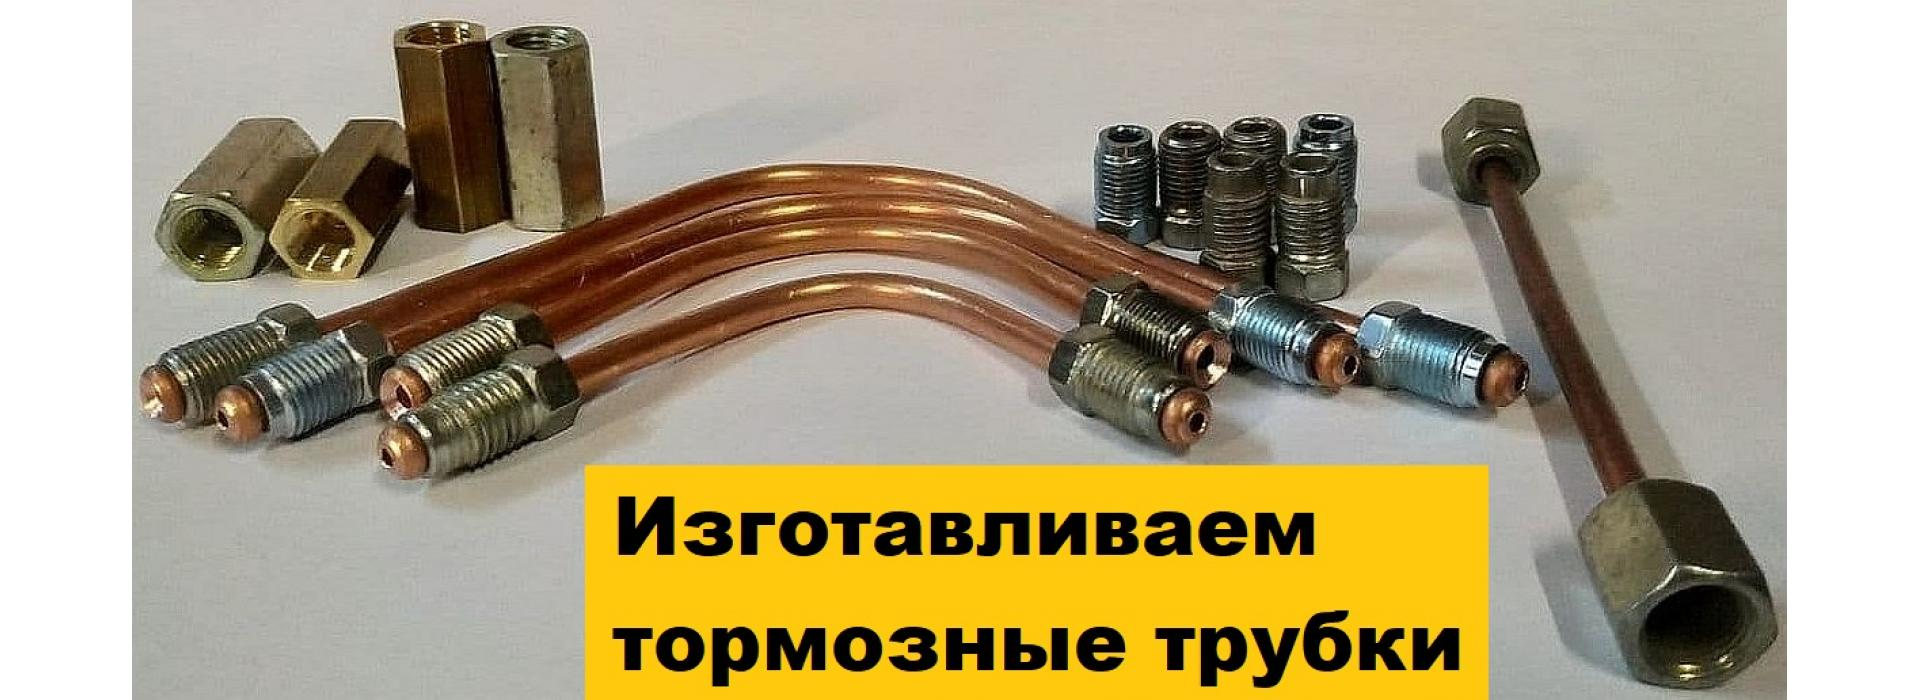 Изготавливаем тормозные трубки для отечественных и иностранных автомобилей